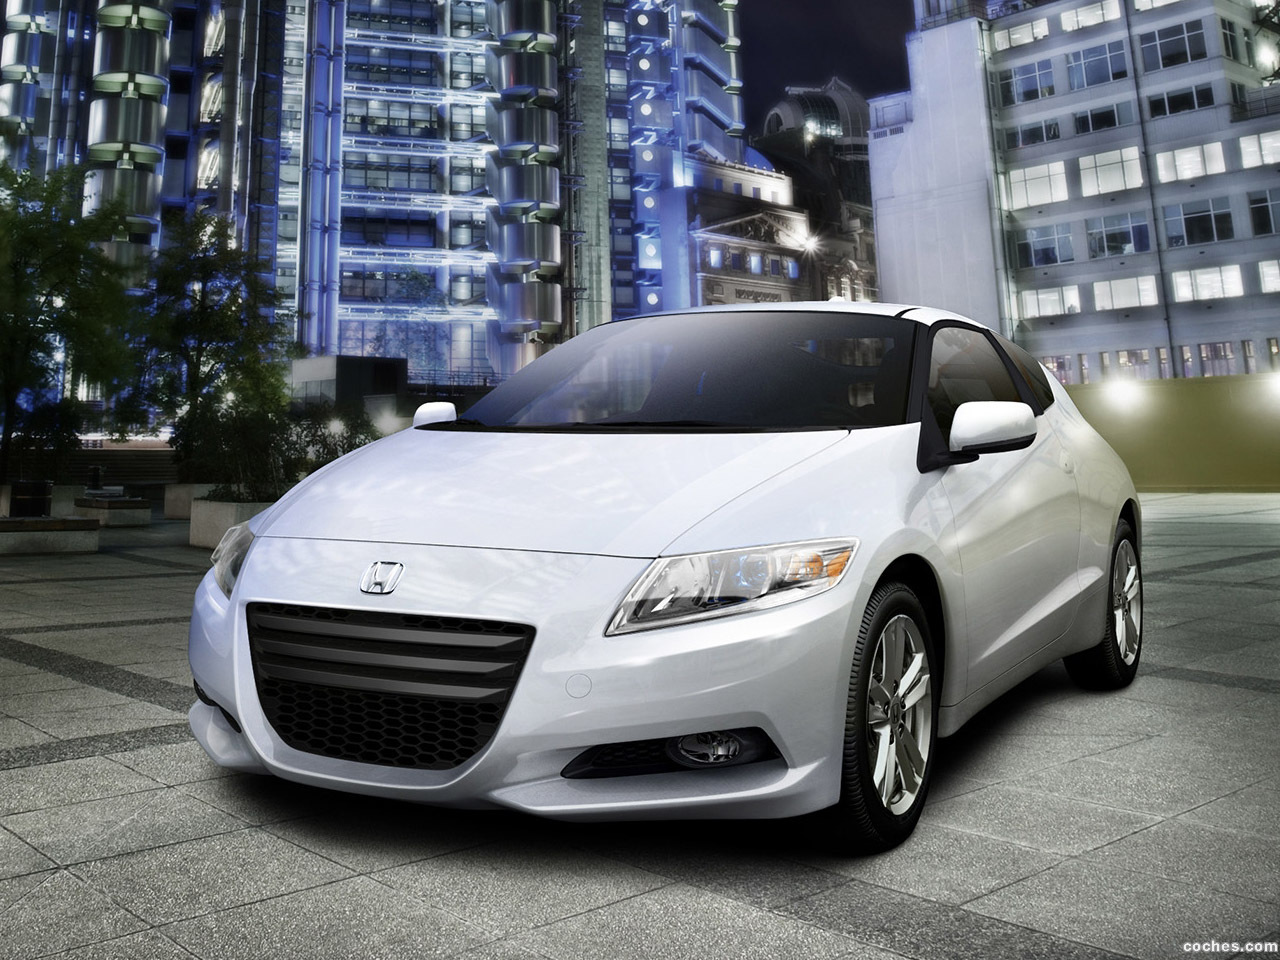 honda_cr-z-sport-hybrid-coupe-2010_r12